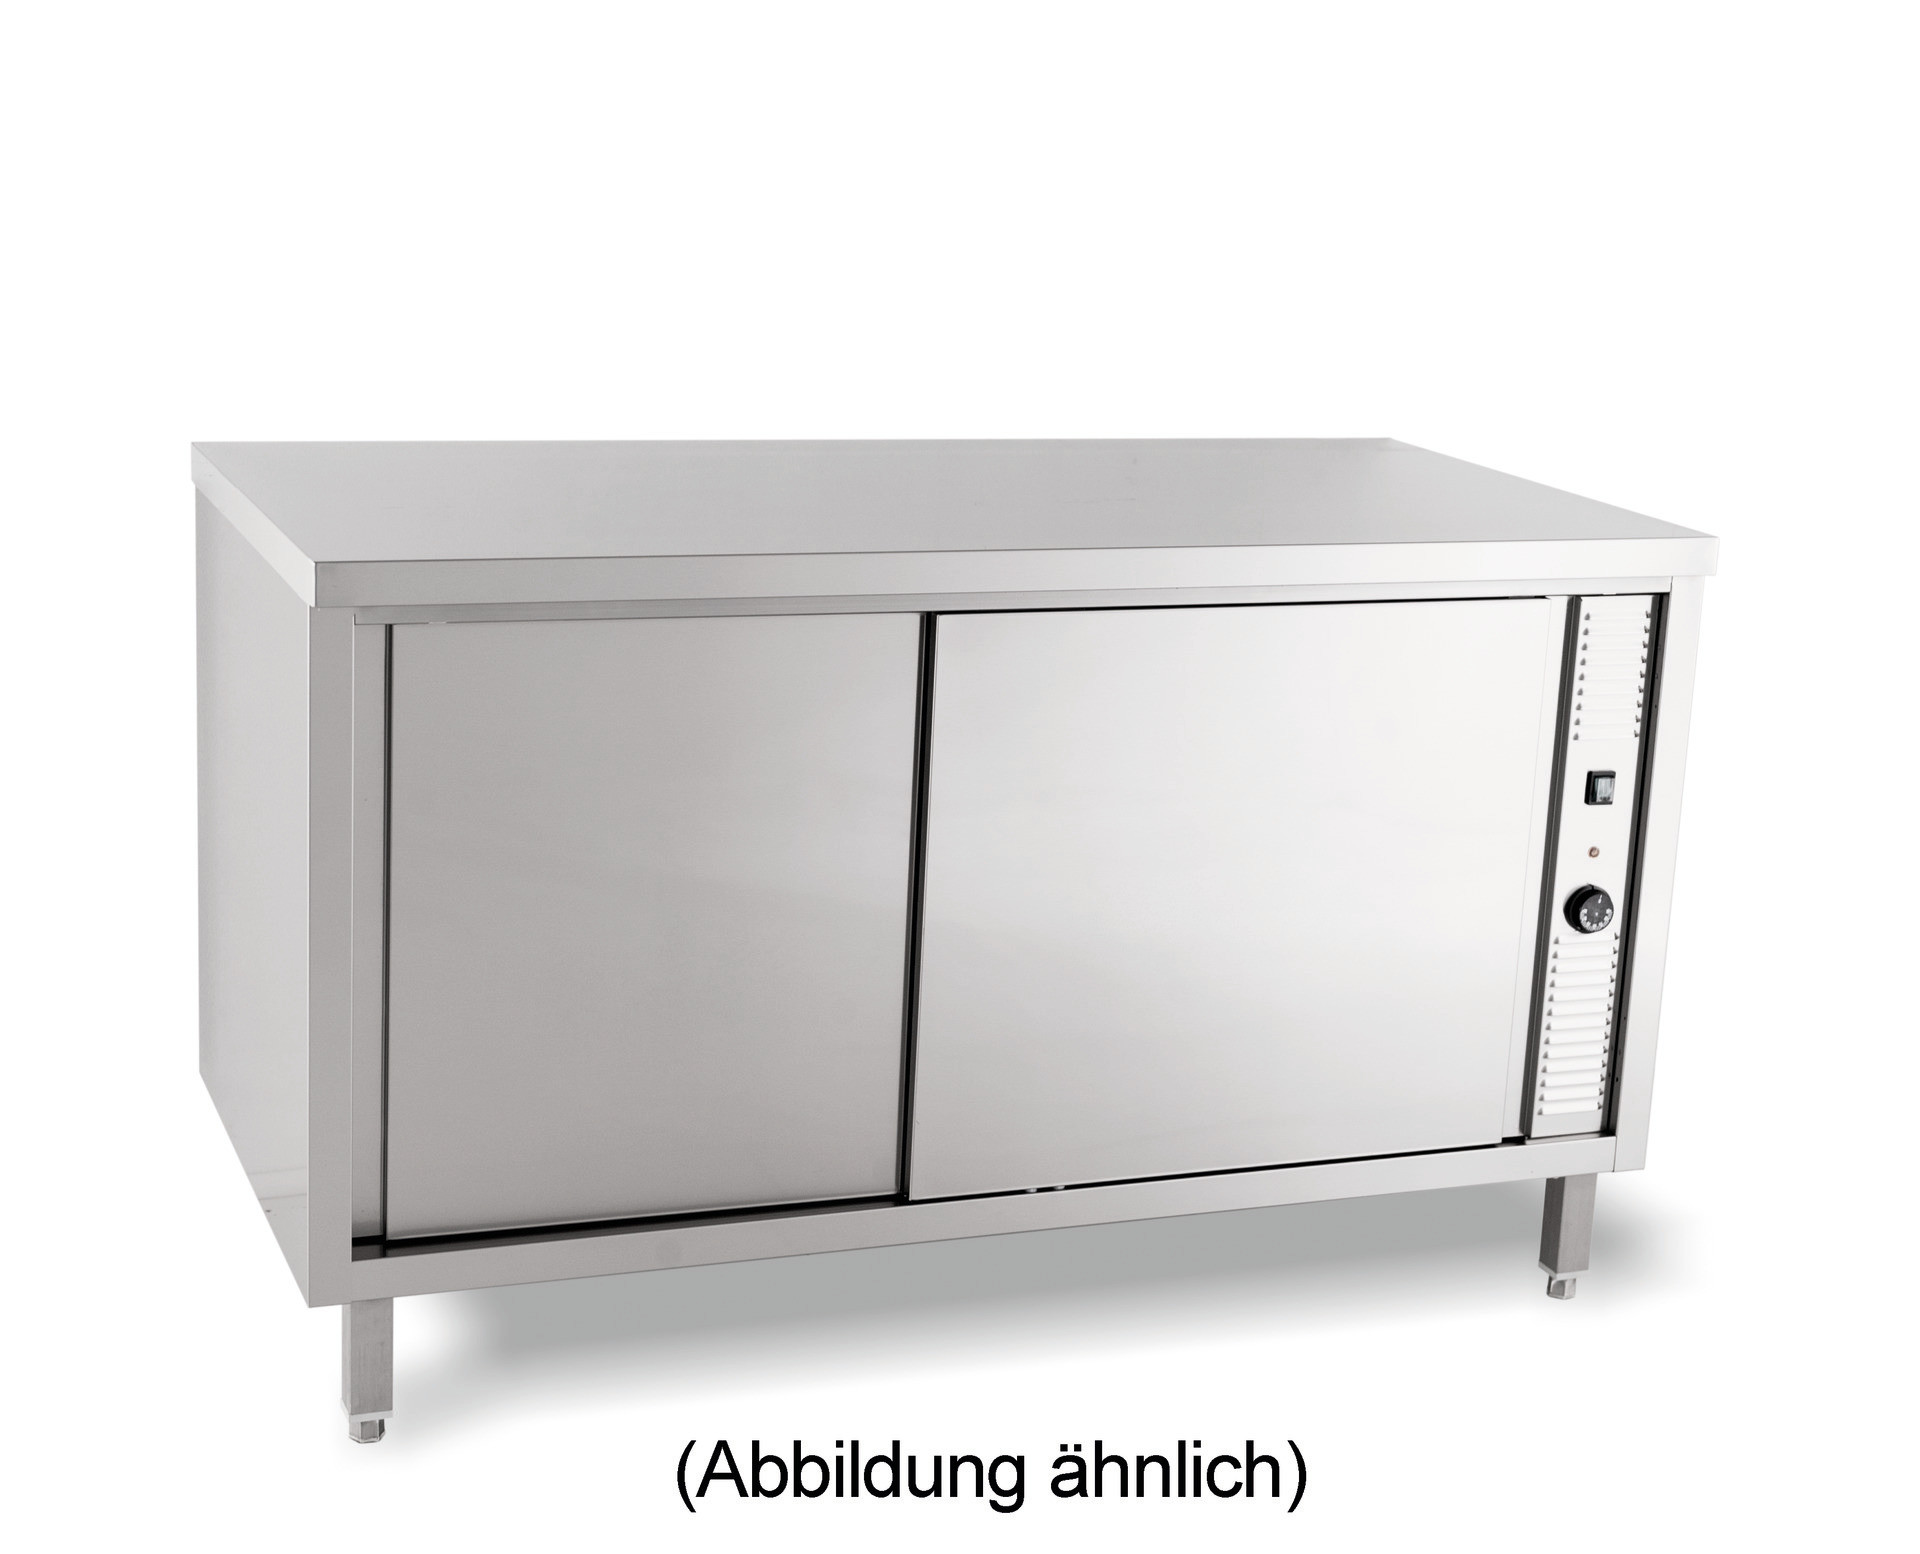 Wärmeschrank mit Schiebetüren ohne Aufkantung 1400 x 700 x 850 mm